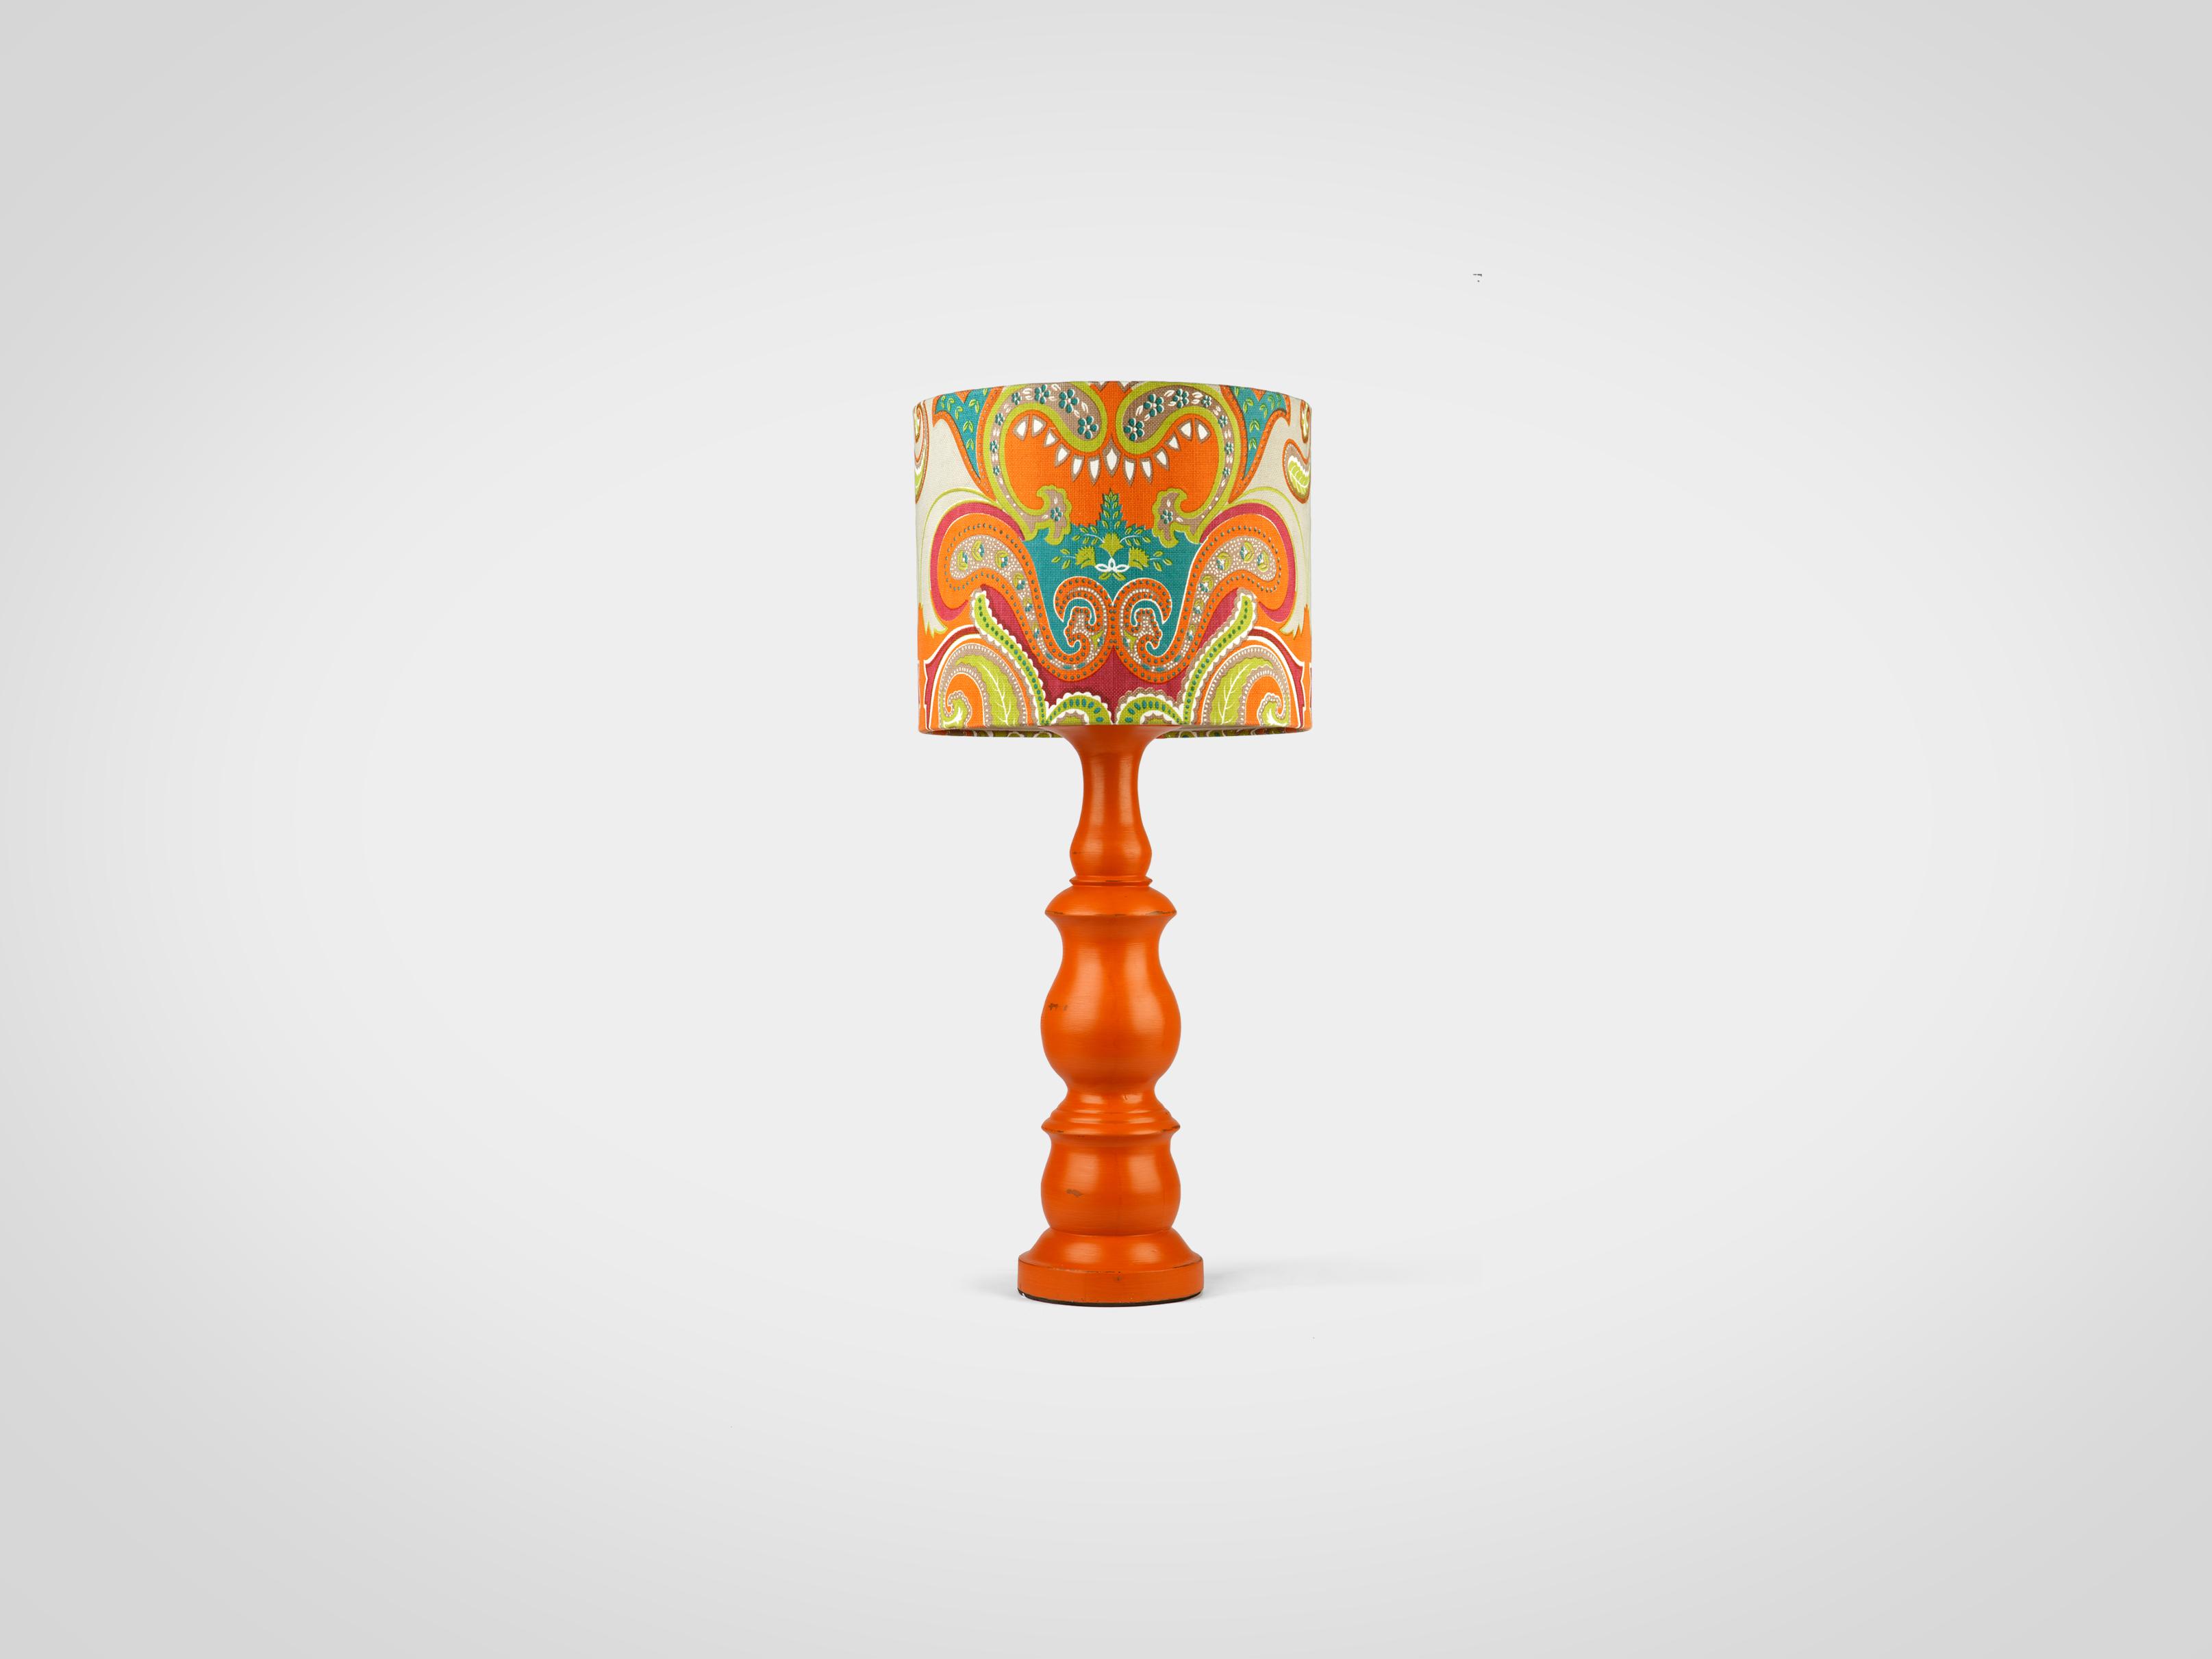 Купить Настольная лампа на резной ножке из дерева махагони декорированной старением, inmyroom, Индонезия